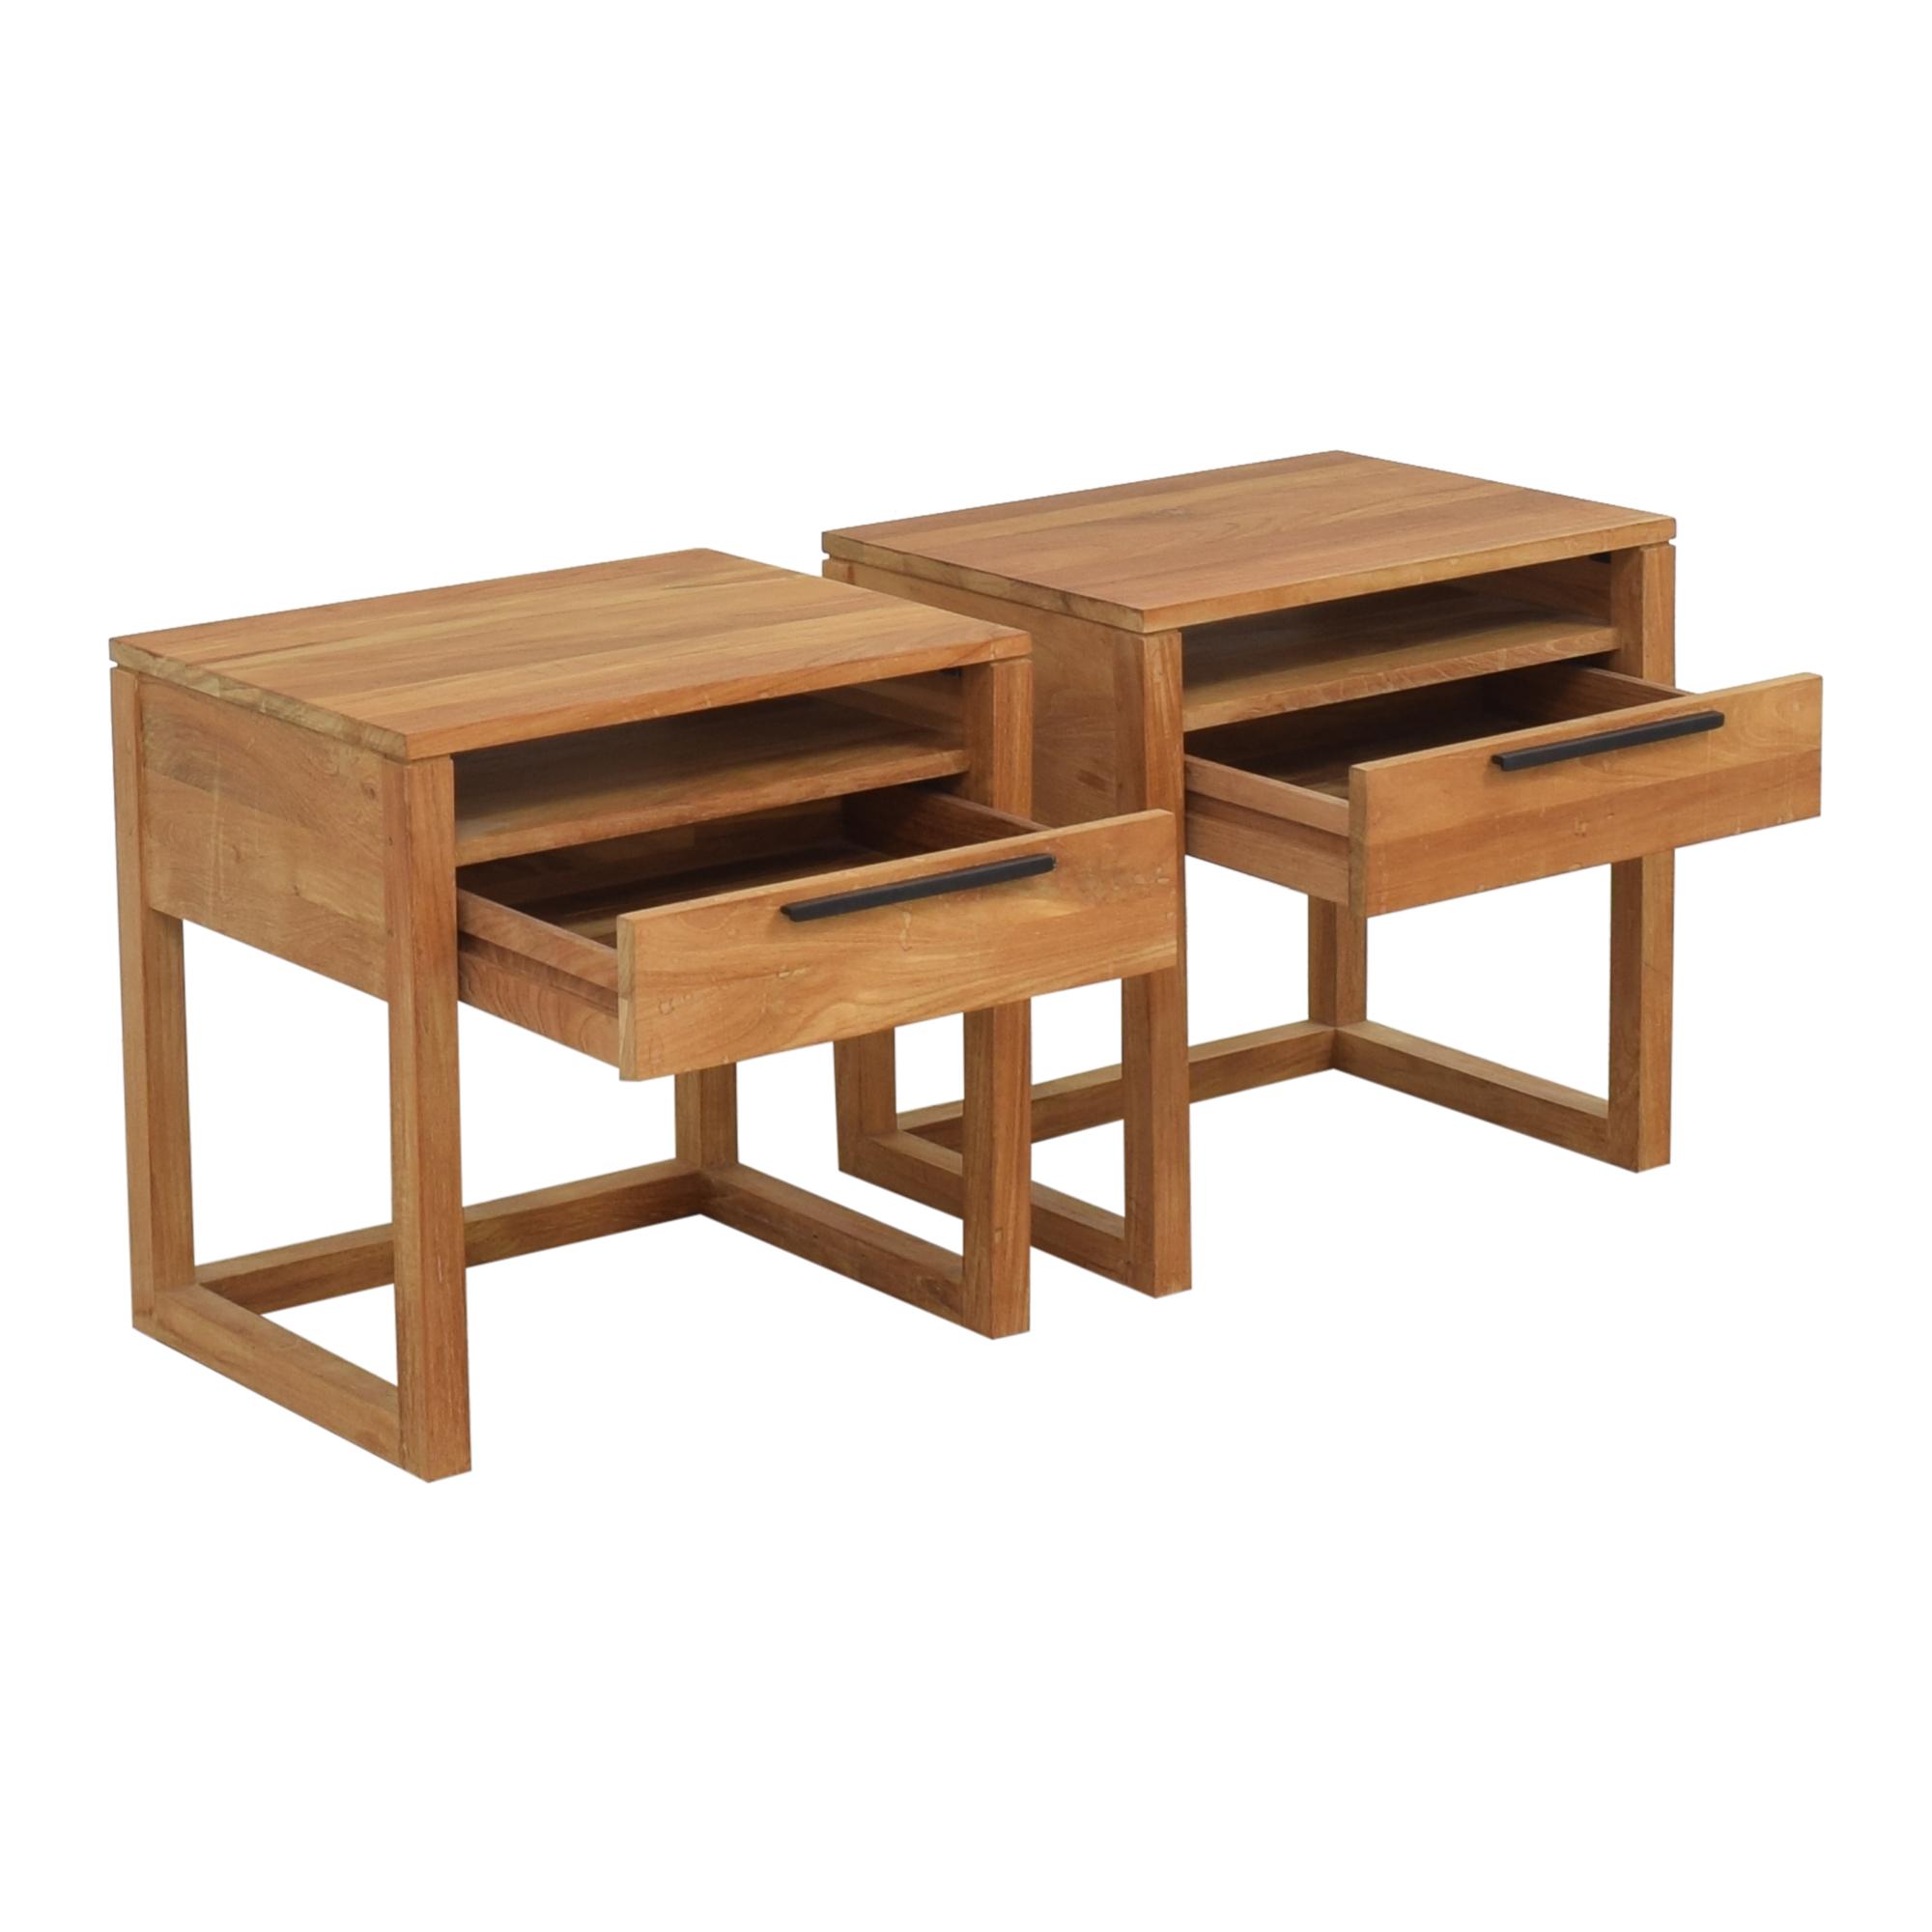 Crate & Barrel Crate & Barrel Linea II Nightstands for sale